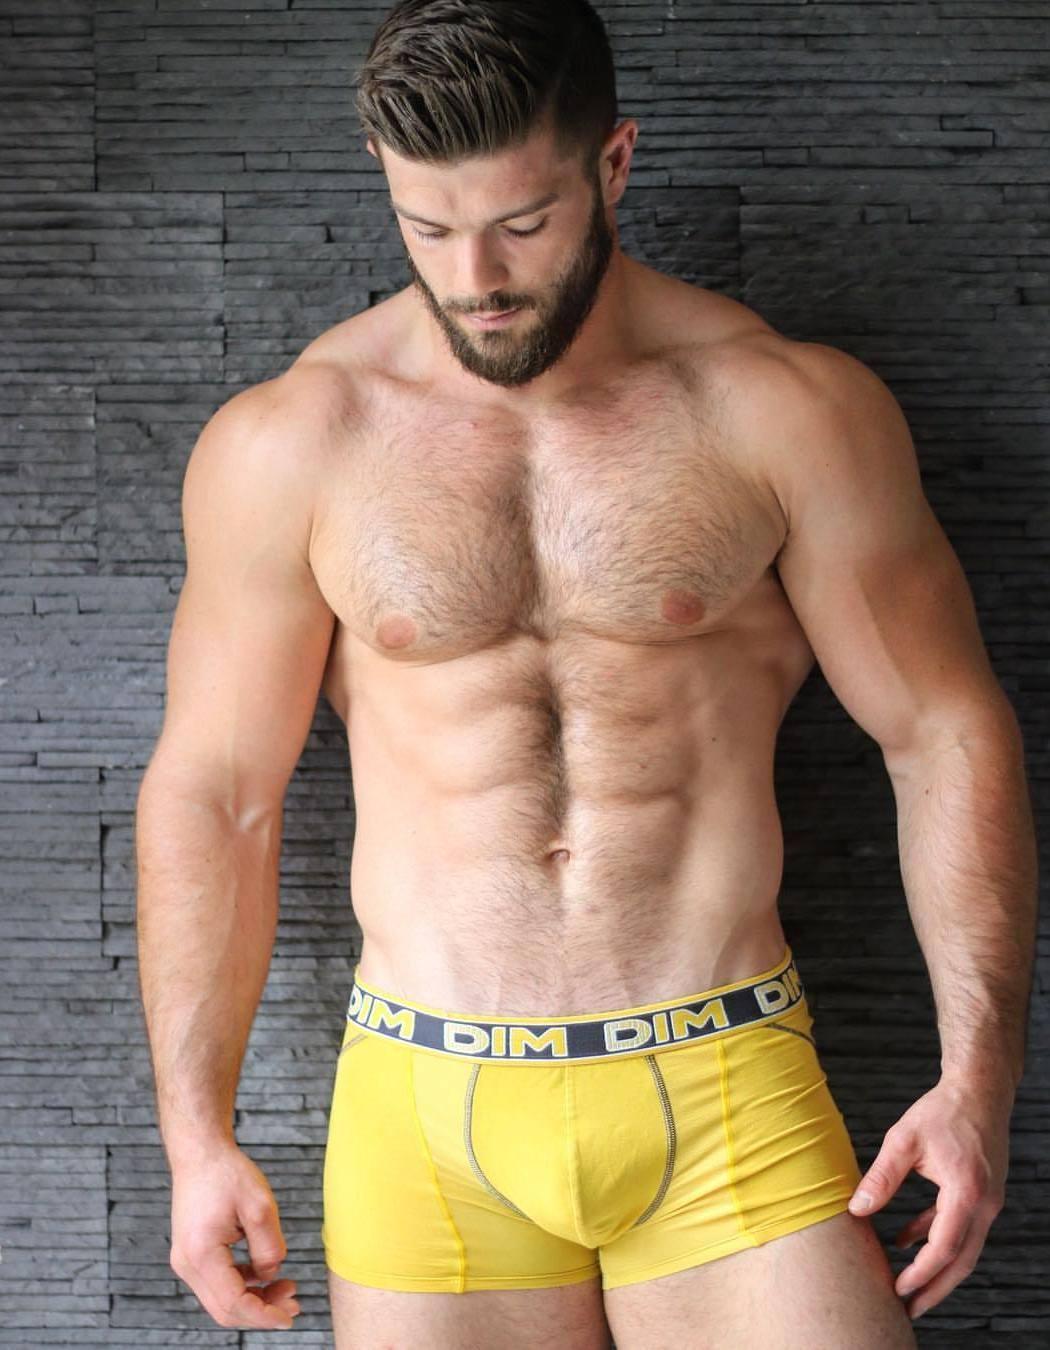 New gay porn 2020 Gay 5 inch cock